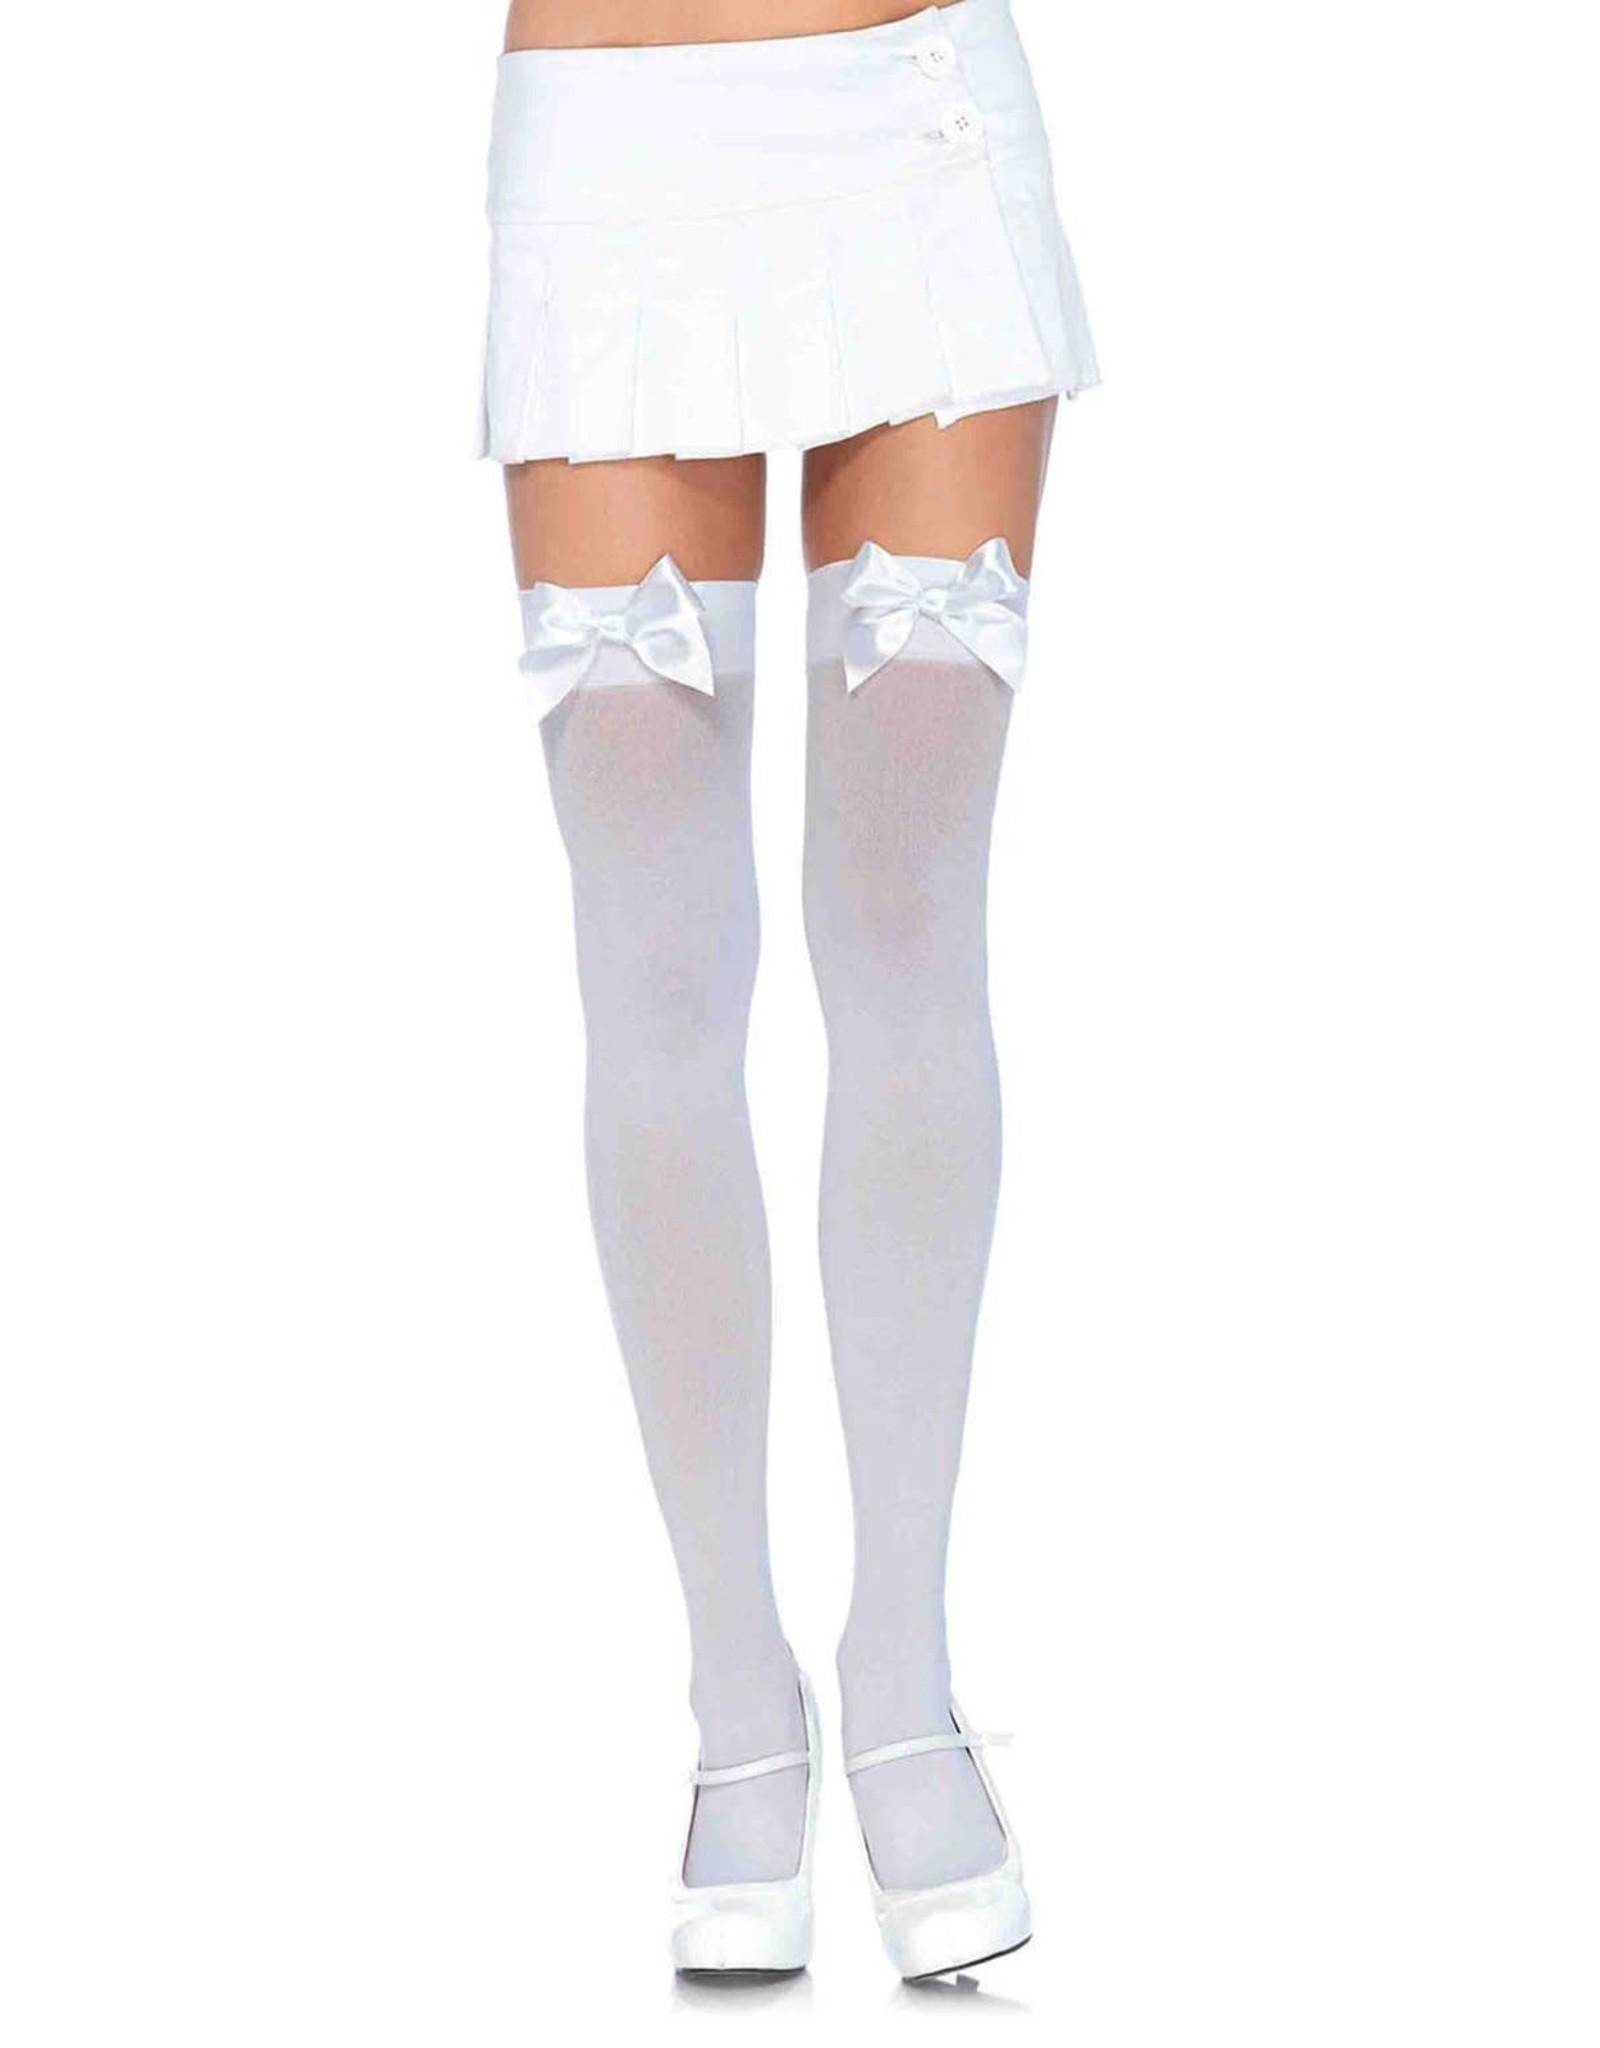 Leg Avenue White Nylon Thigh Highs w/Bow